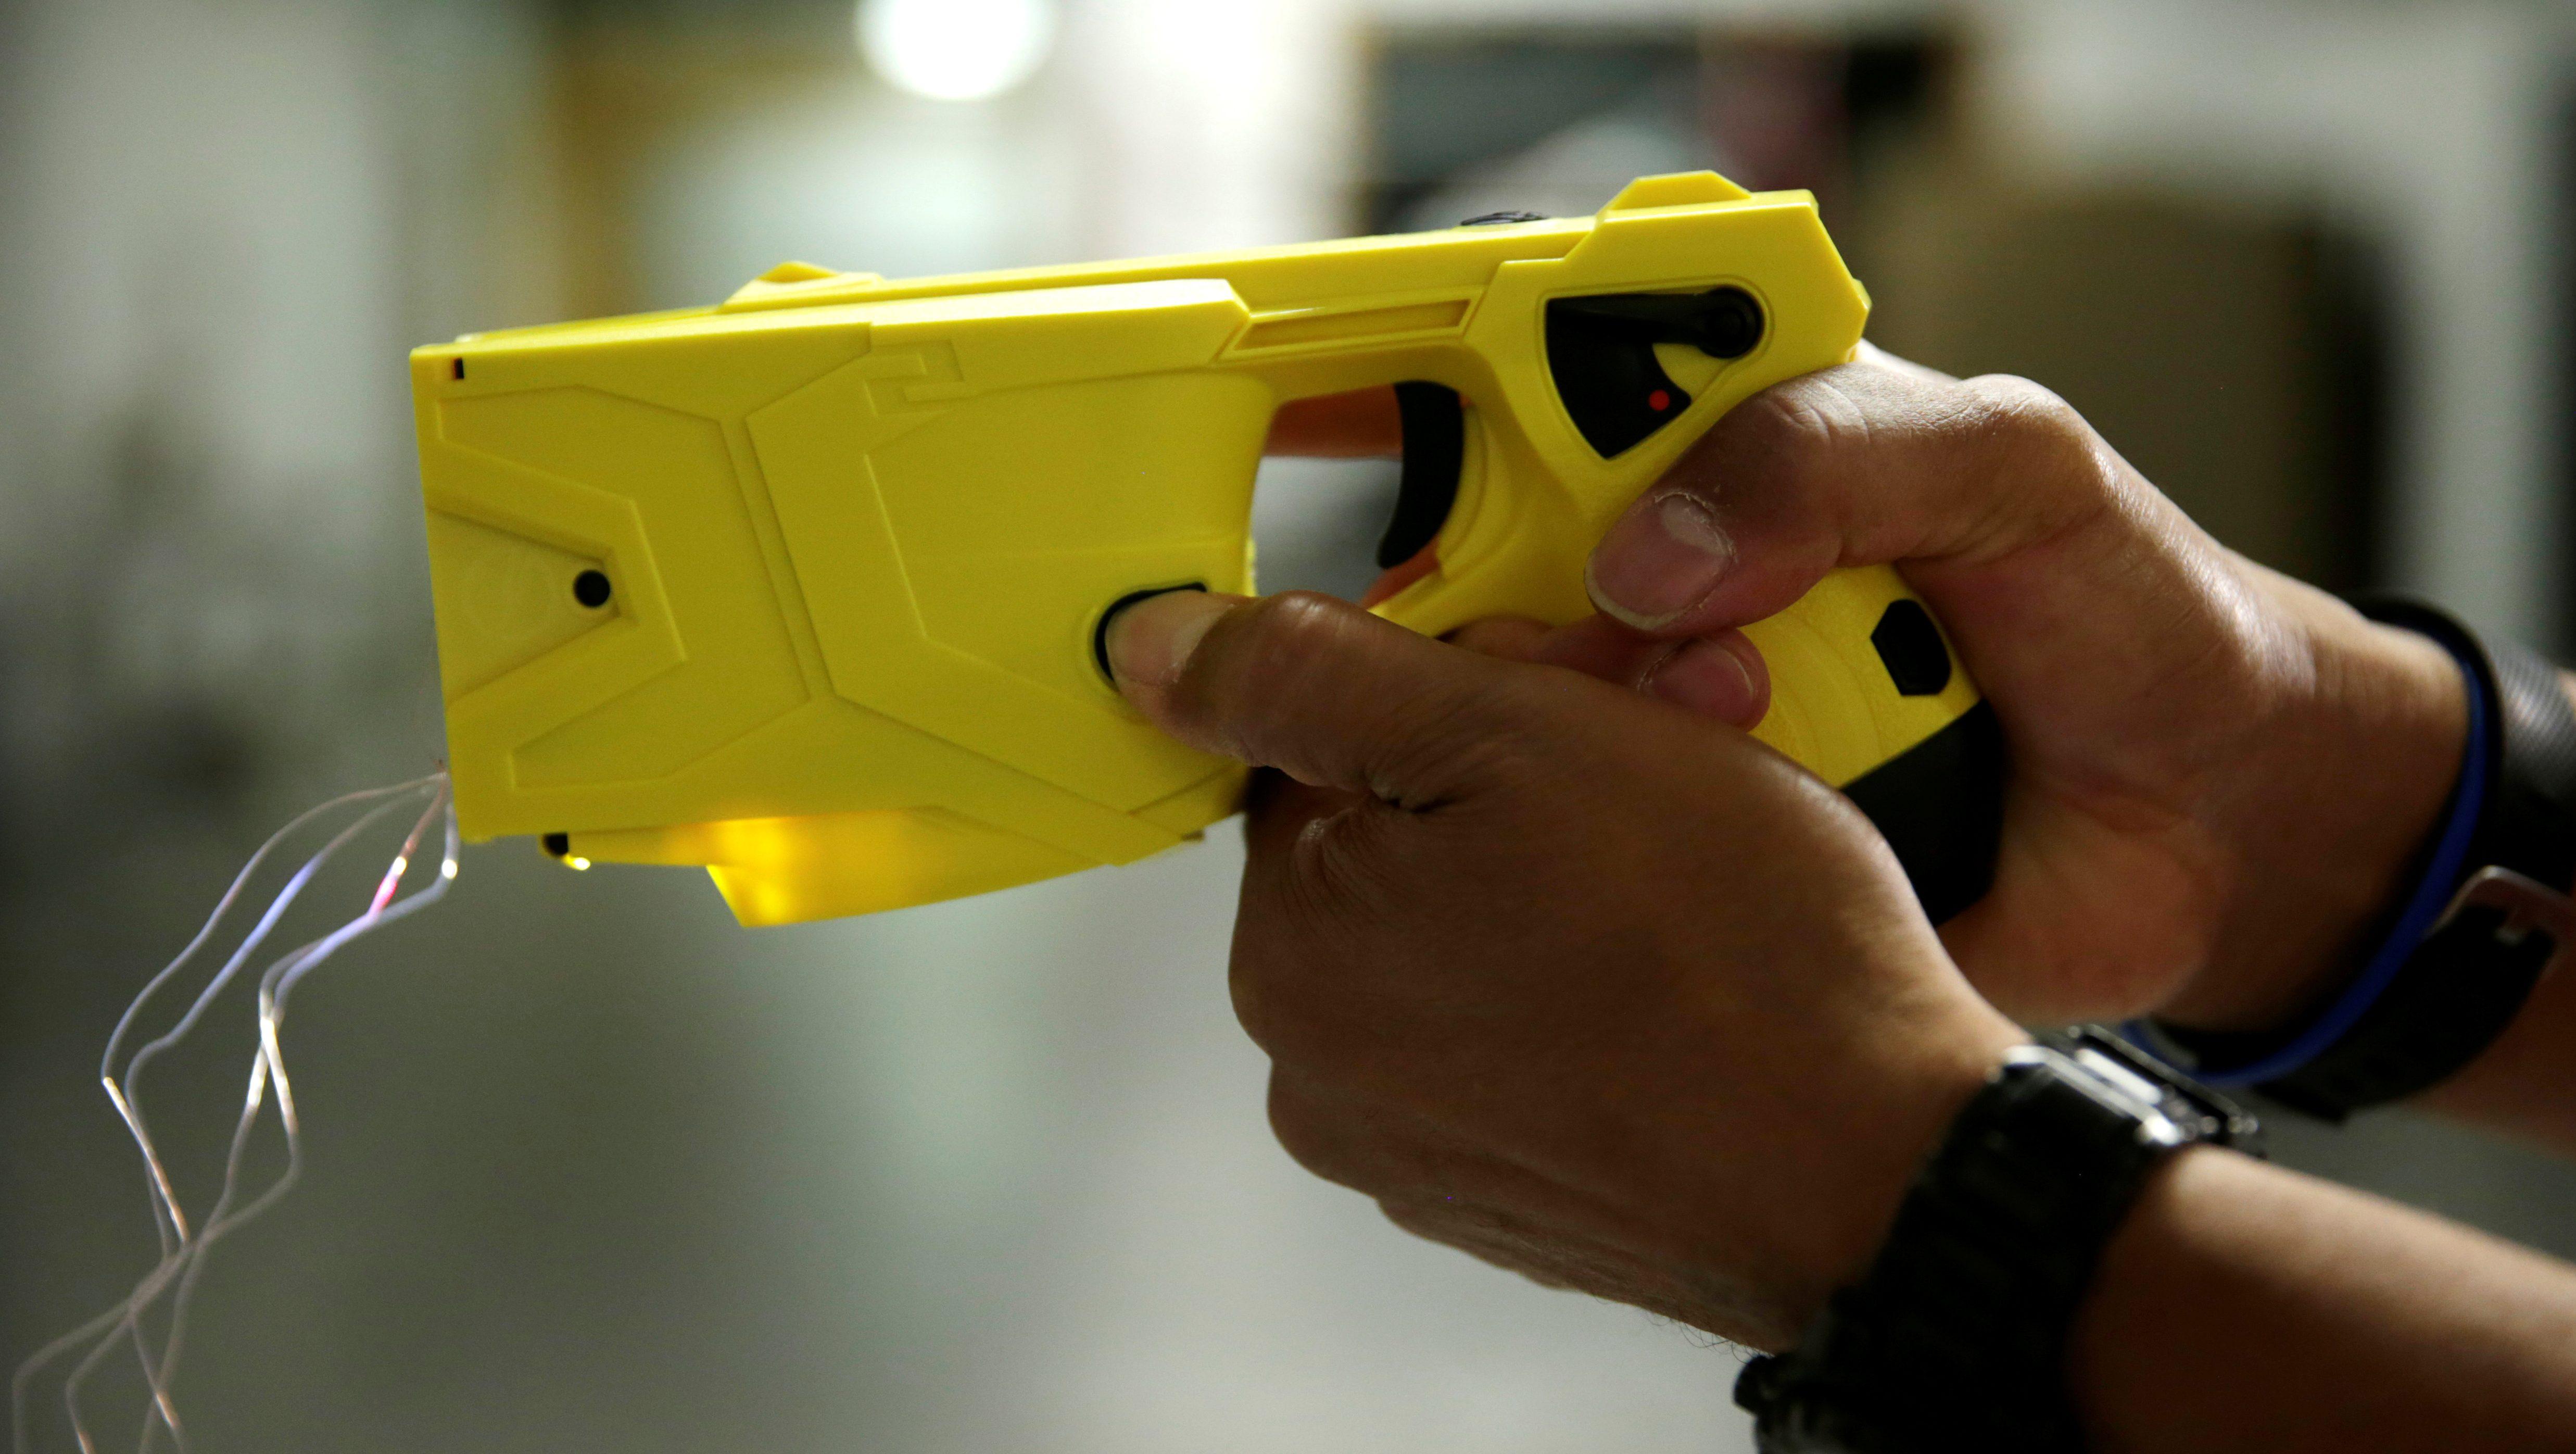 Photo of a yellow taser gun